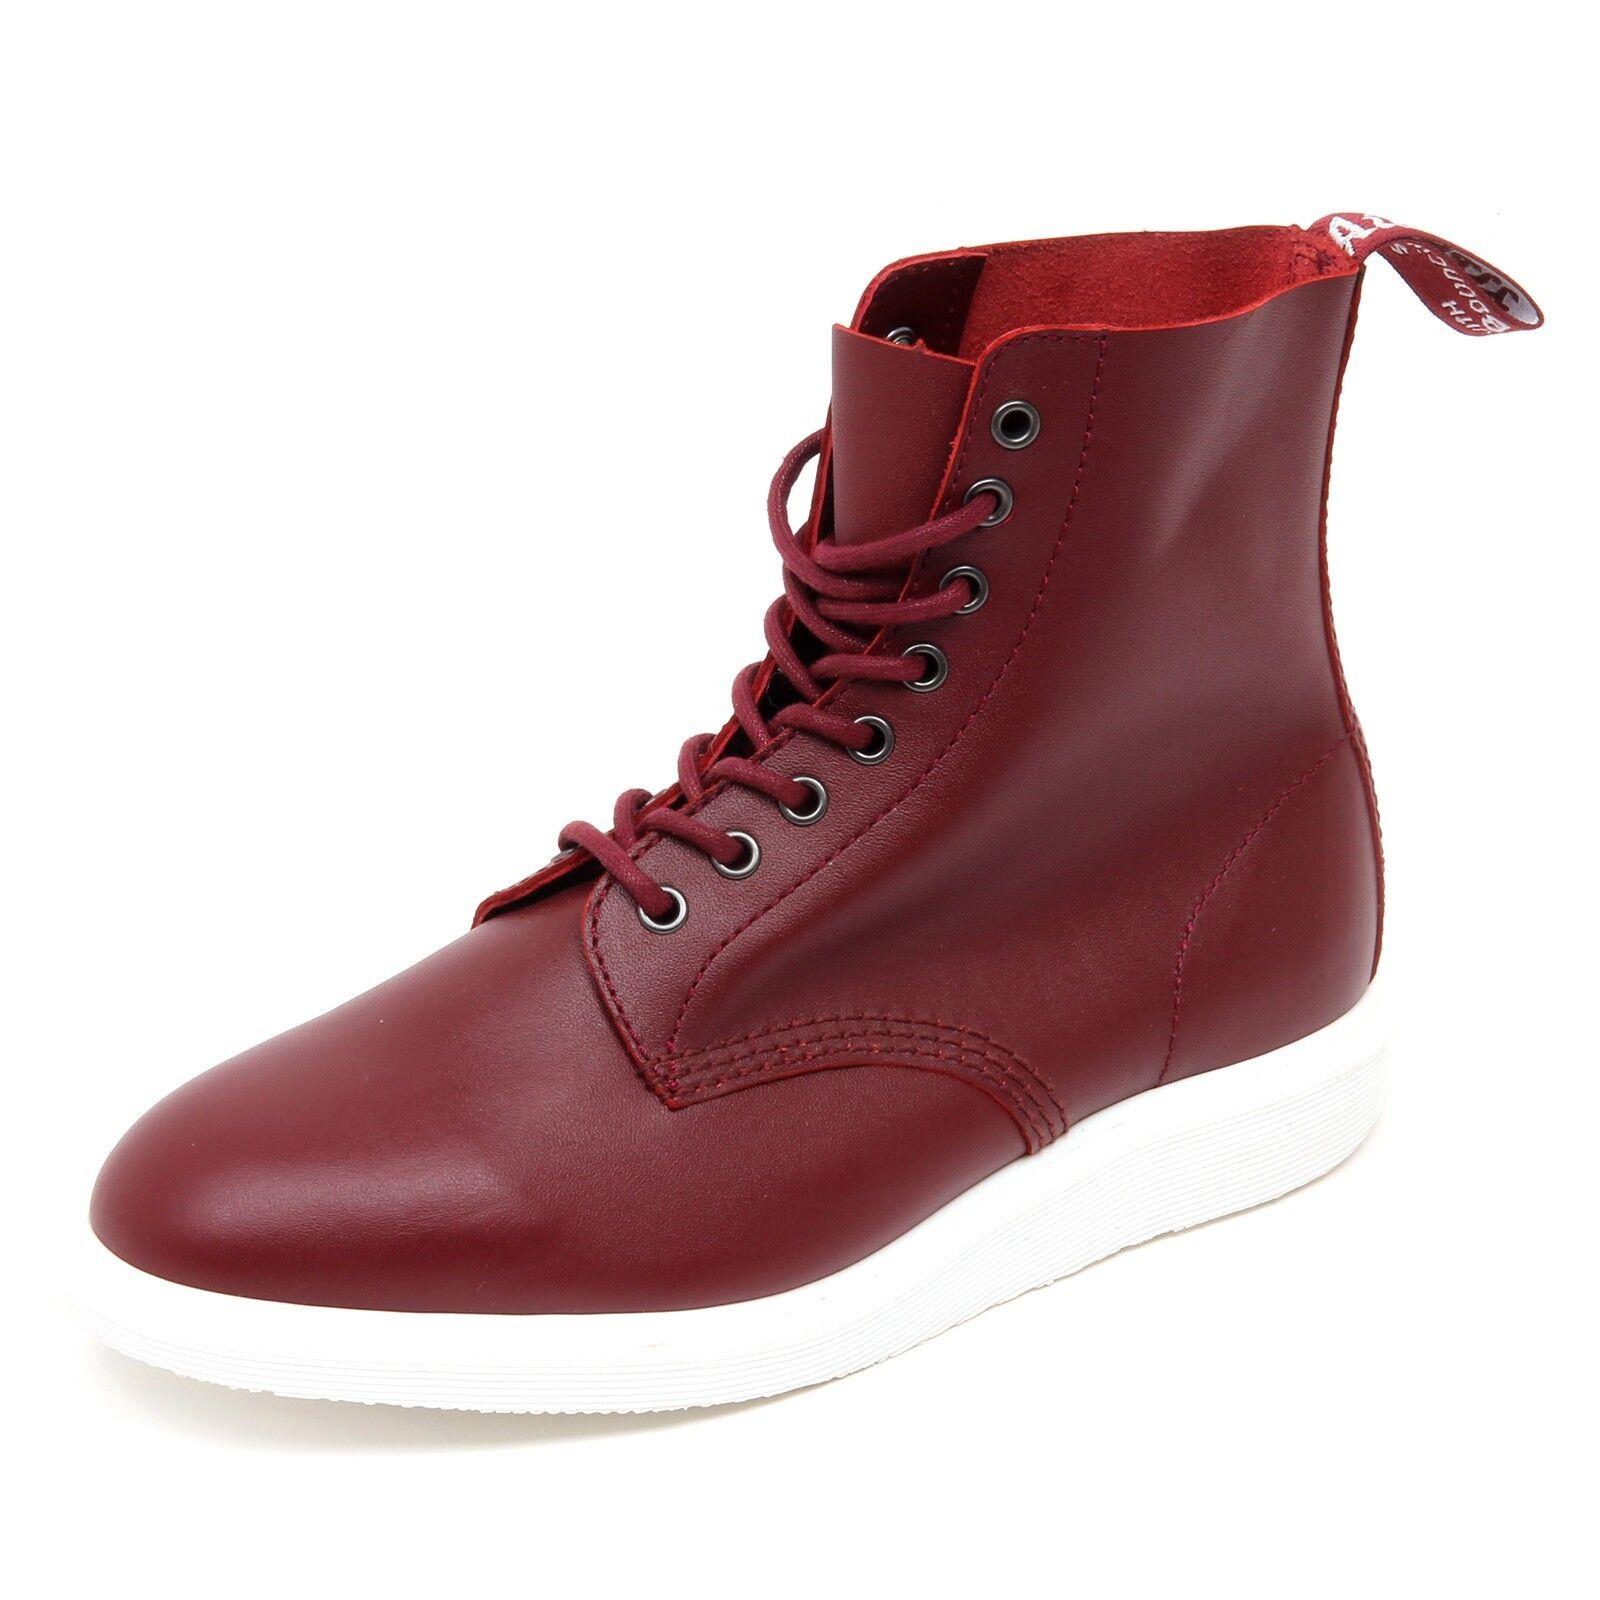 D3128 sneaker anfibio hombre DR. MARTENS WHITON anfibio sneaker rosso scuro Zapatos hombre 13087e